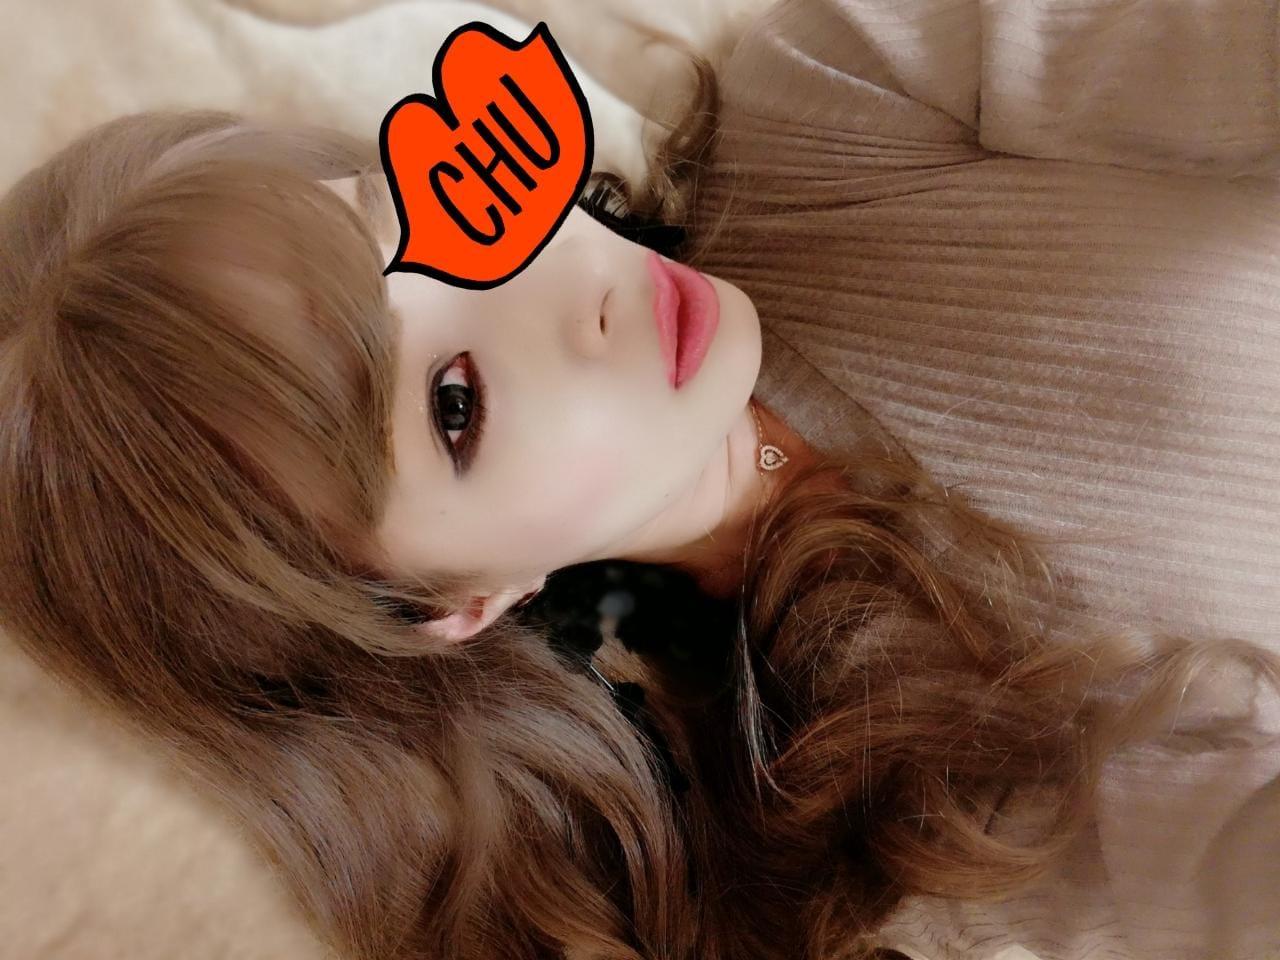 「お礼だよん」12/18日(火) 03:40   エミリの写メ・風俗動画